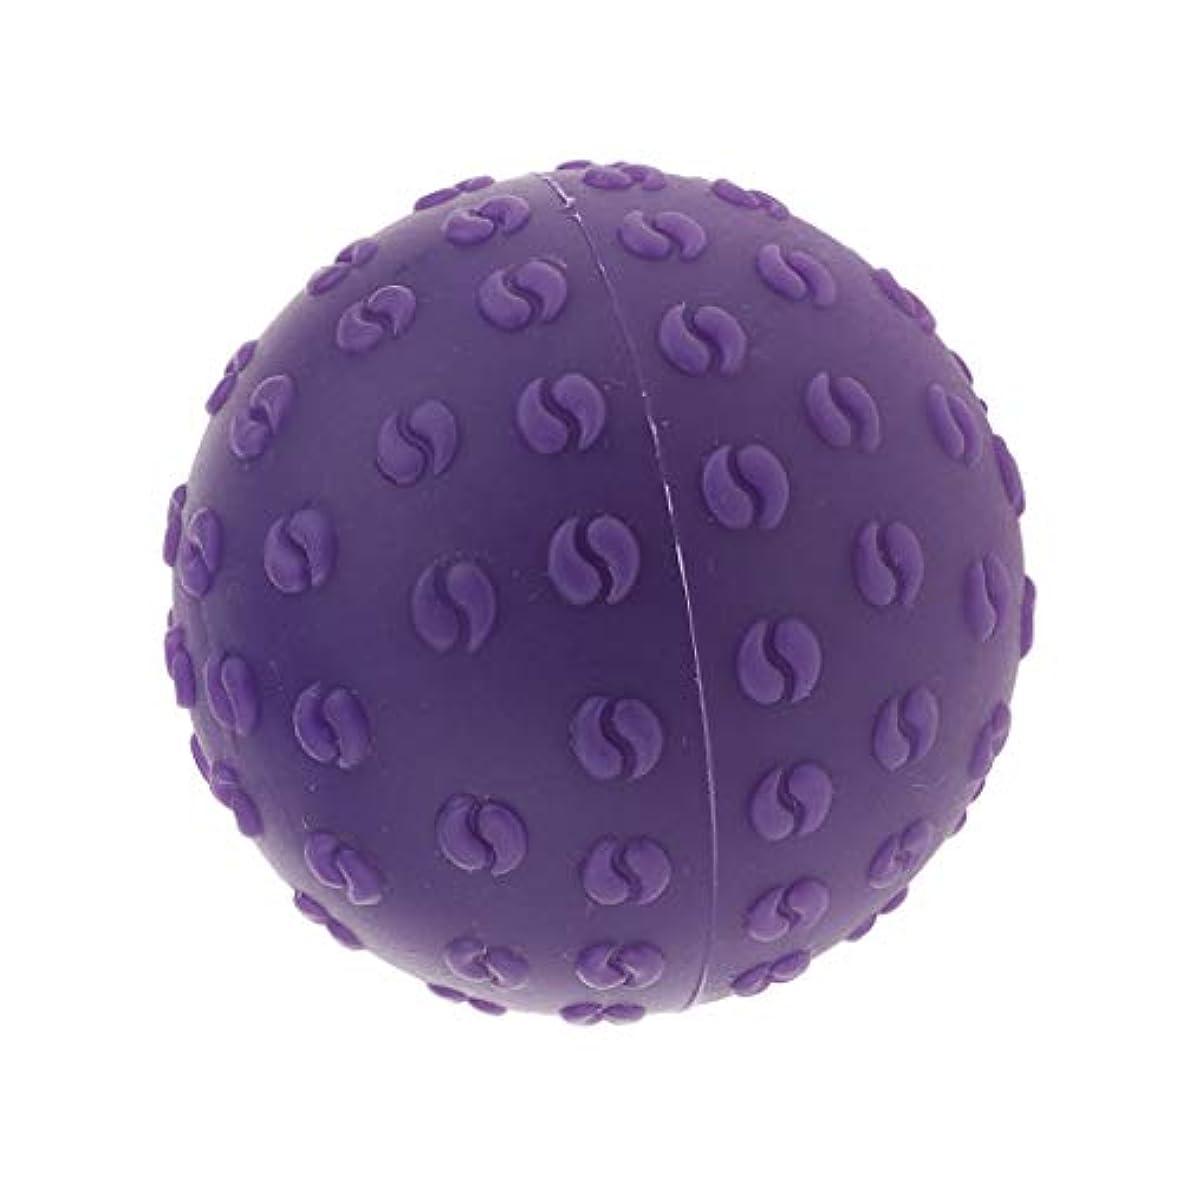 に話すびっくりする柔和Fenteer マッサージボール 指圧ボール シリコーン トリガーポイント 足底筋膜炎 ヨガ ツボ押しグッズ 全6色 - 紫, 説明のとおり